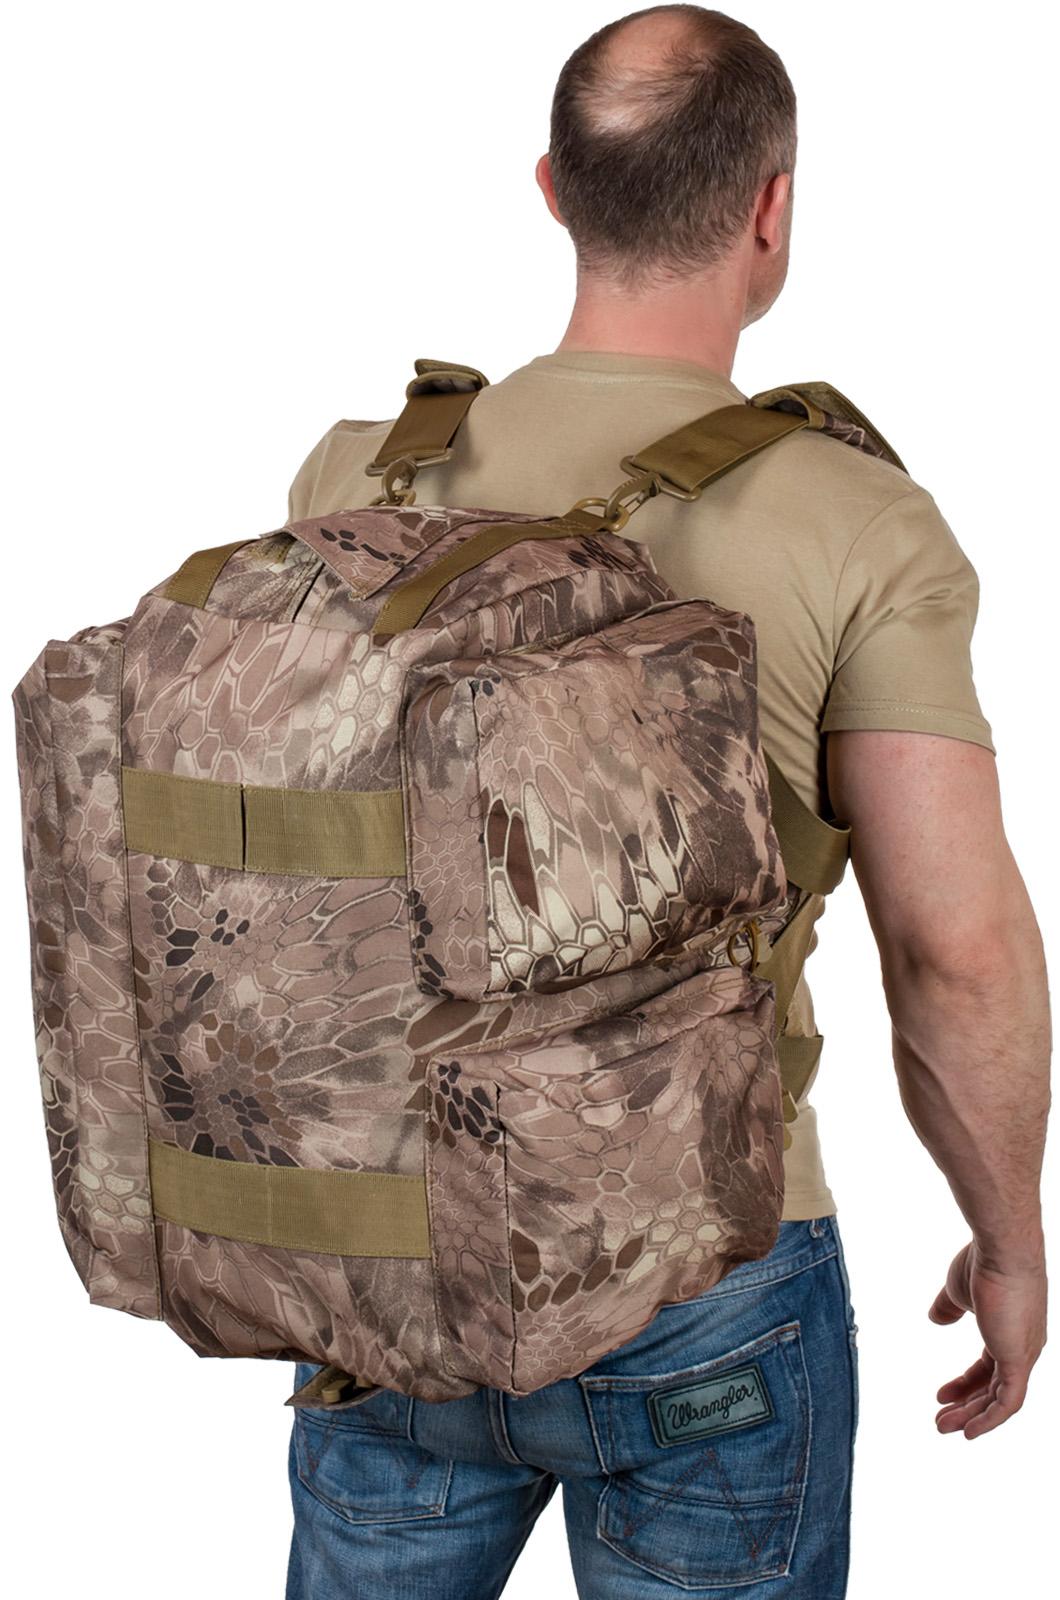 Тактическая дорожная сумка (нашивка Флот России)